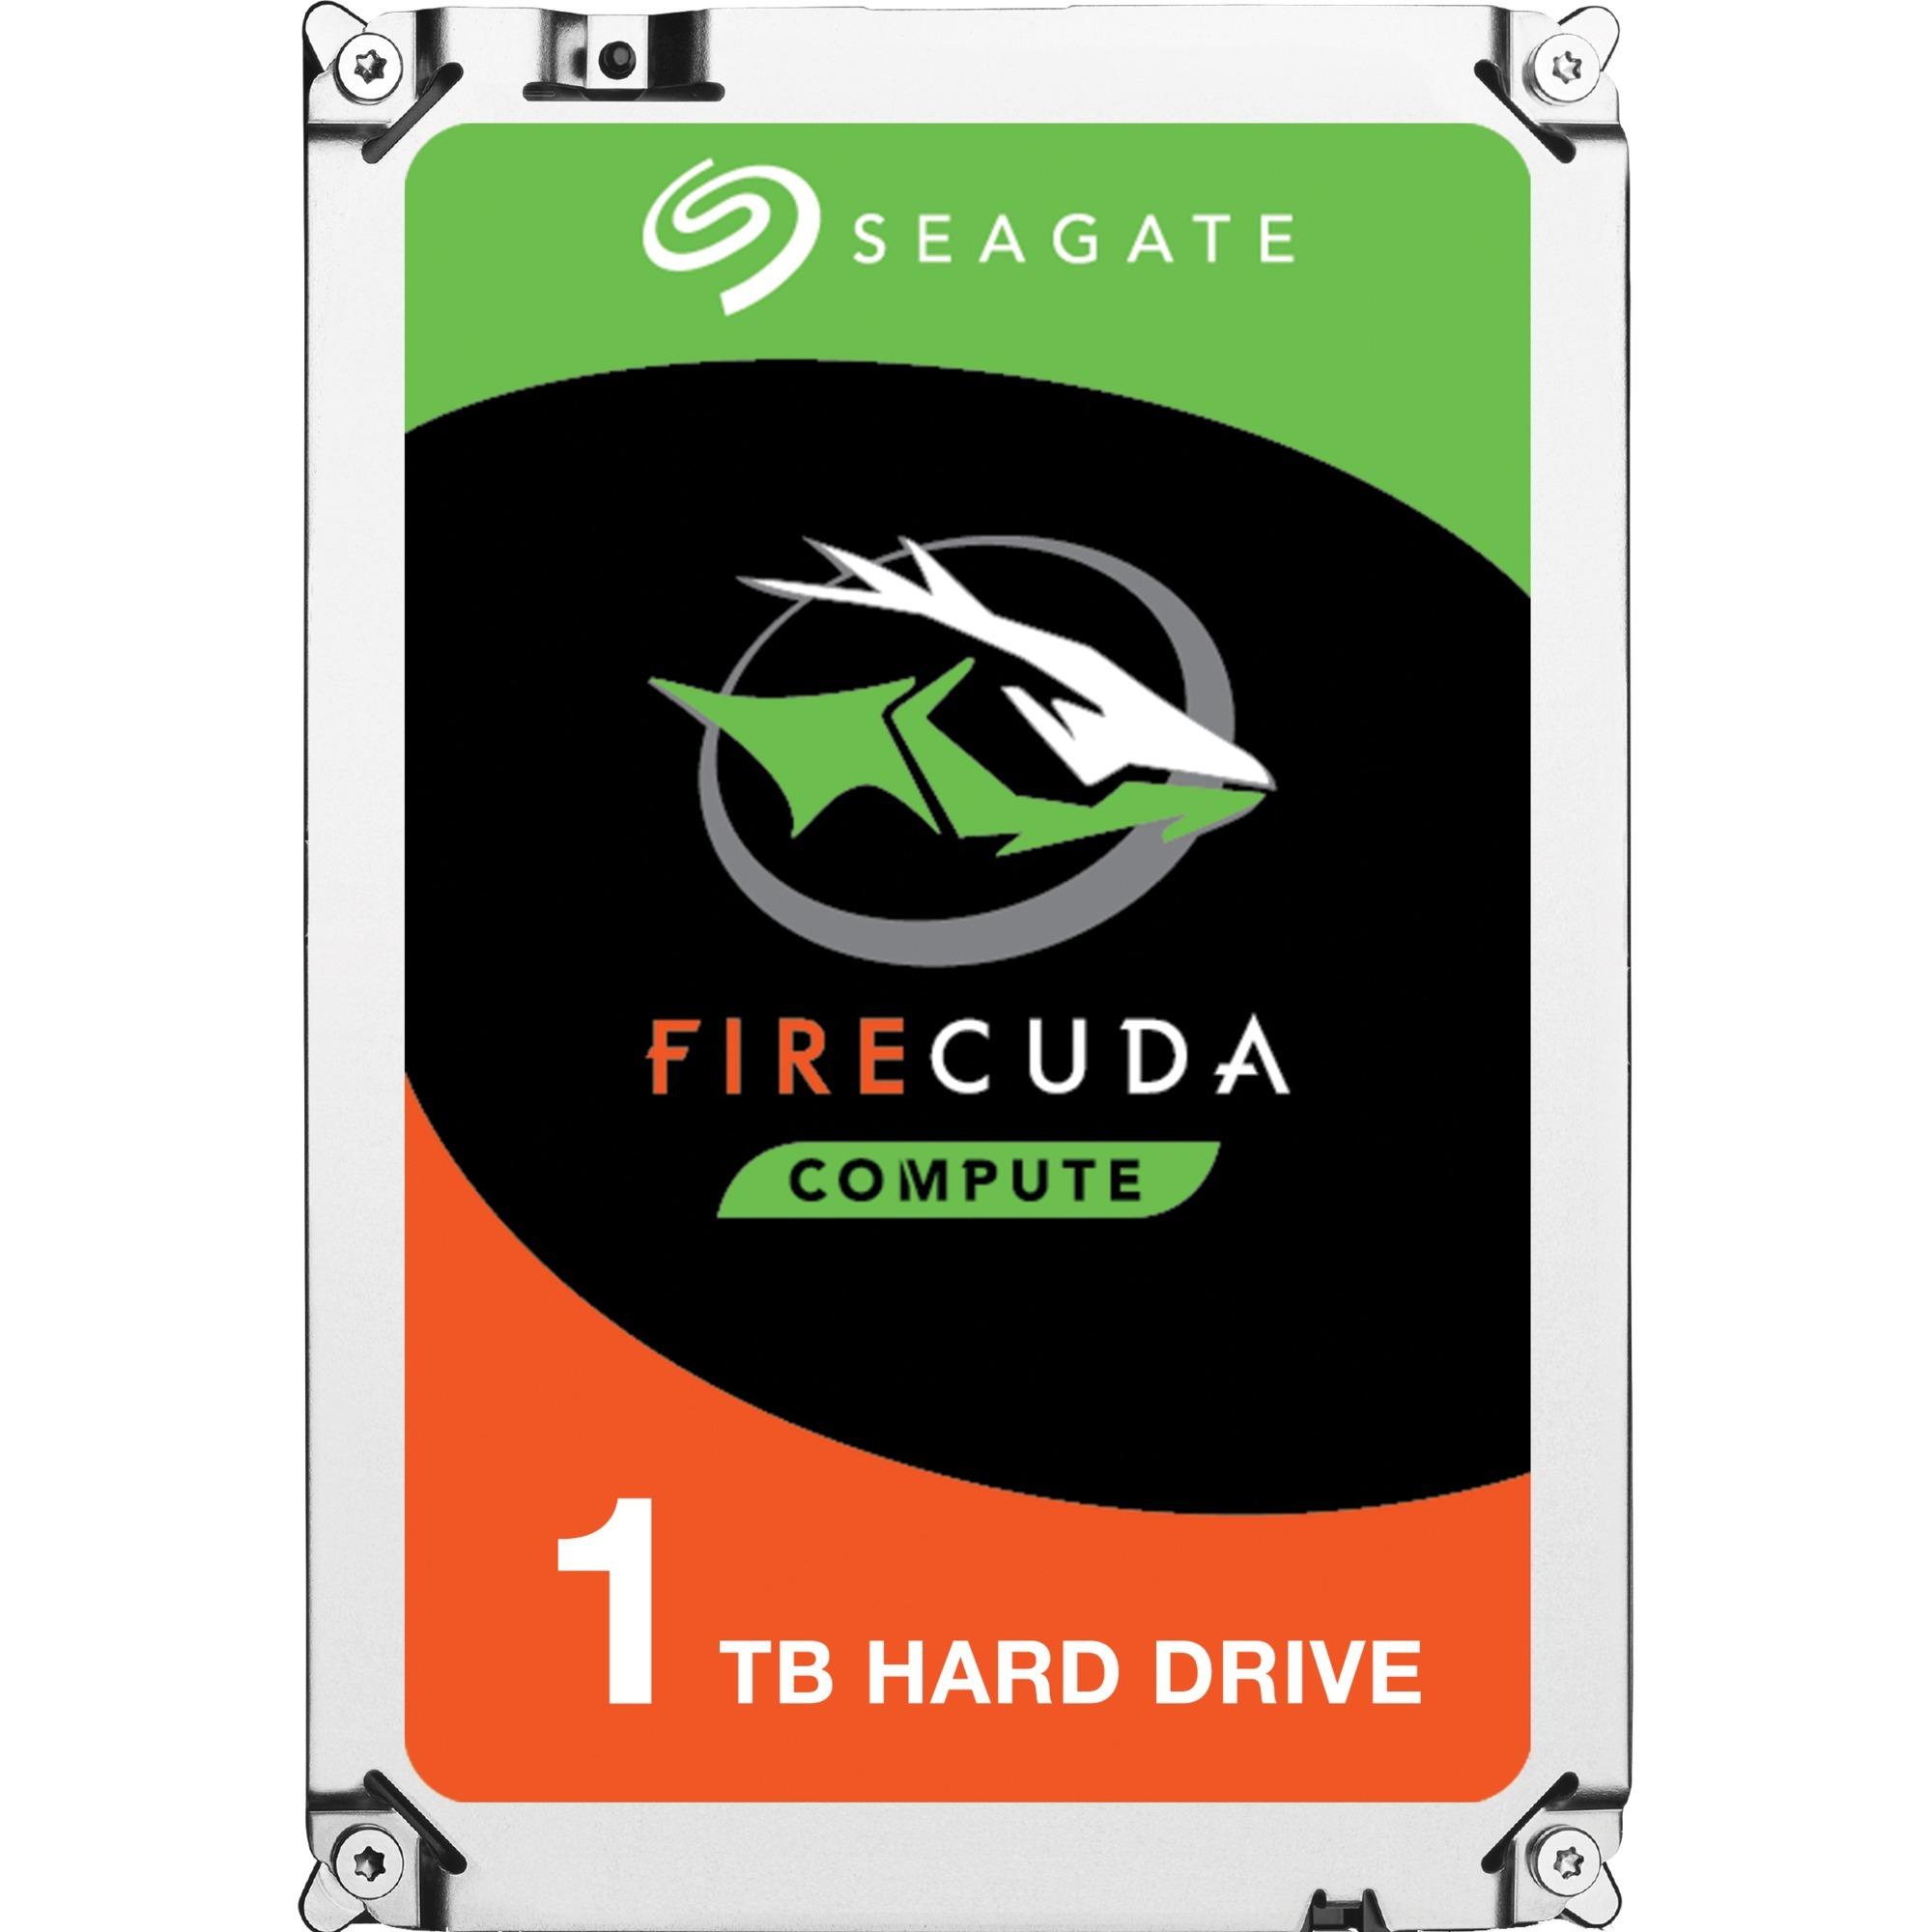 FireCuda, Disque dur hybride